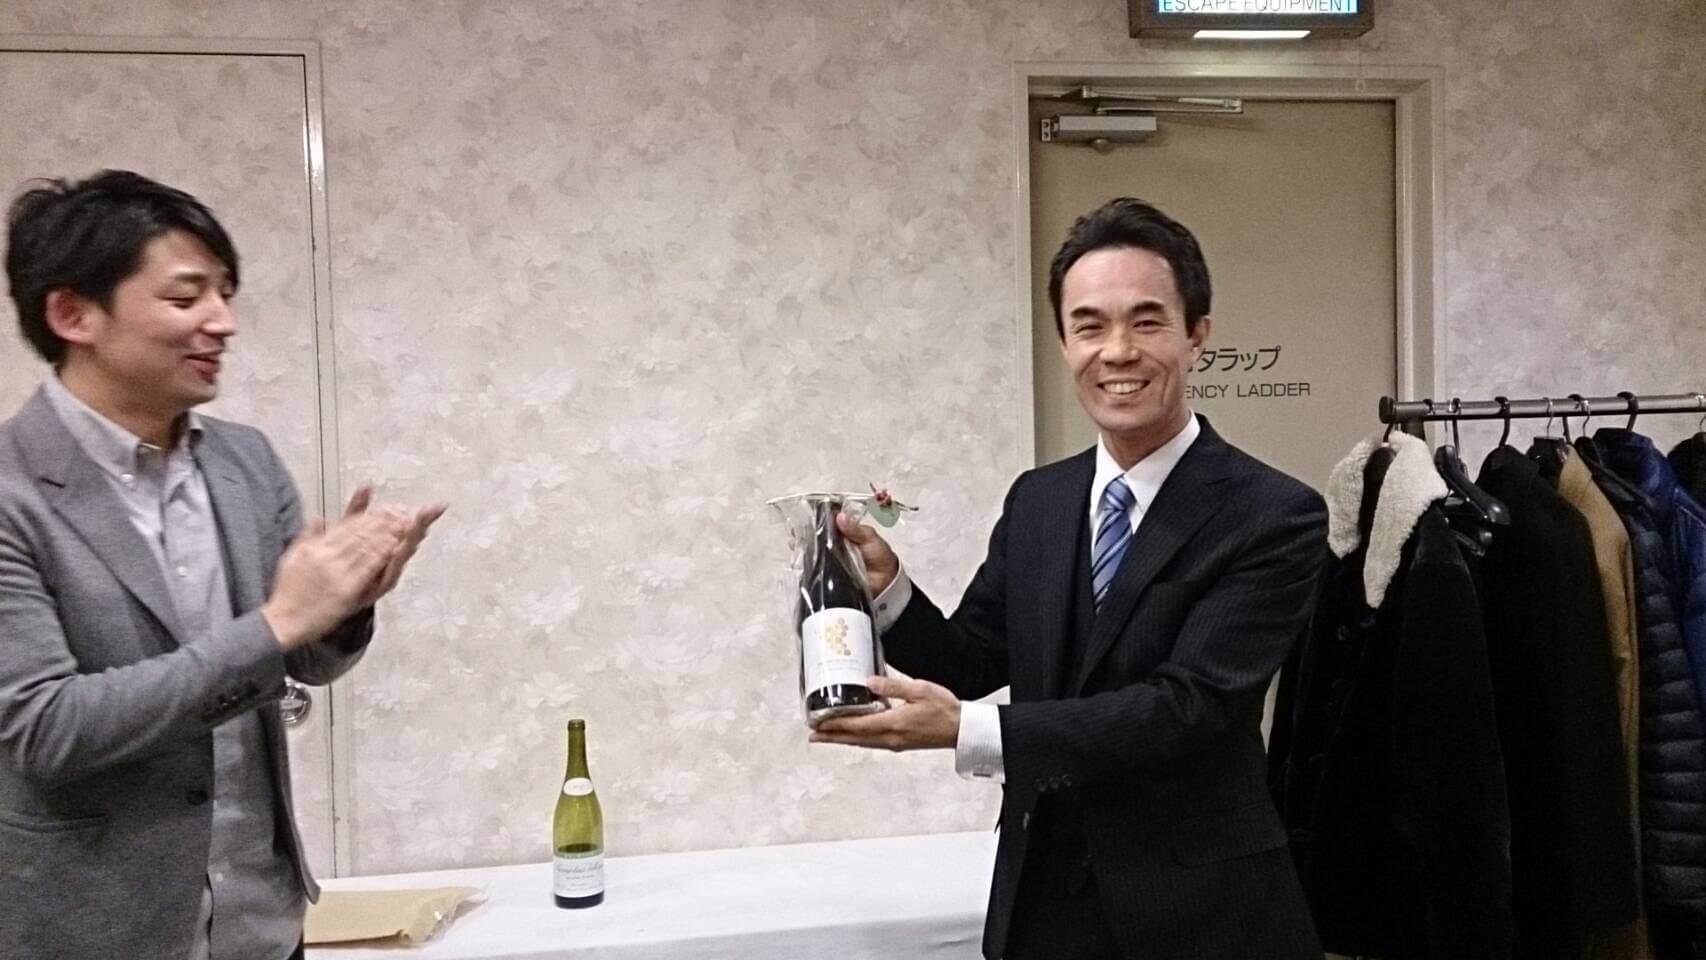 第1回山口県ワインブラインドテイスティング大会